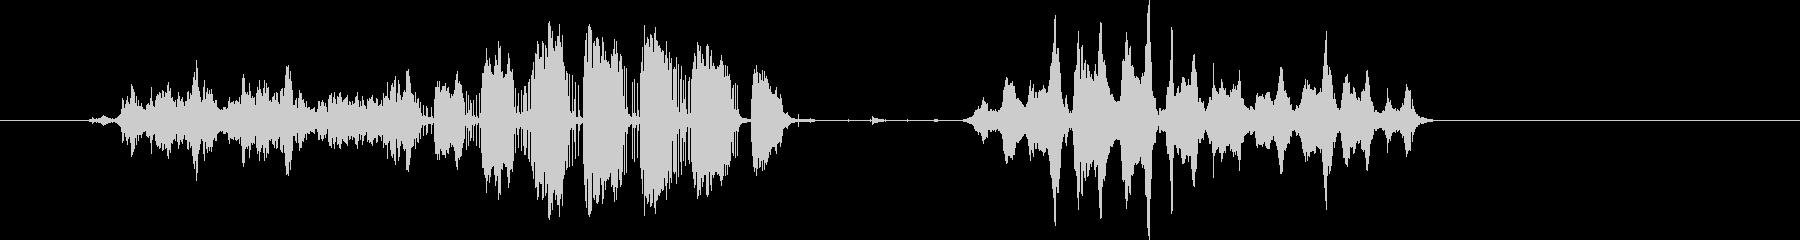 コンゴウインコの発声。いくつかのコ...の未再生の波形